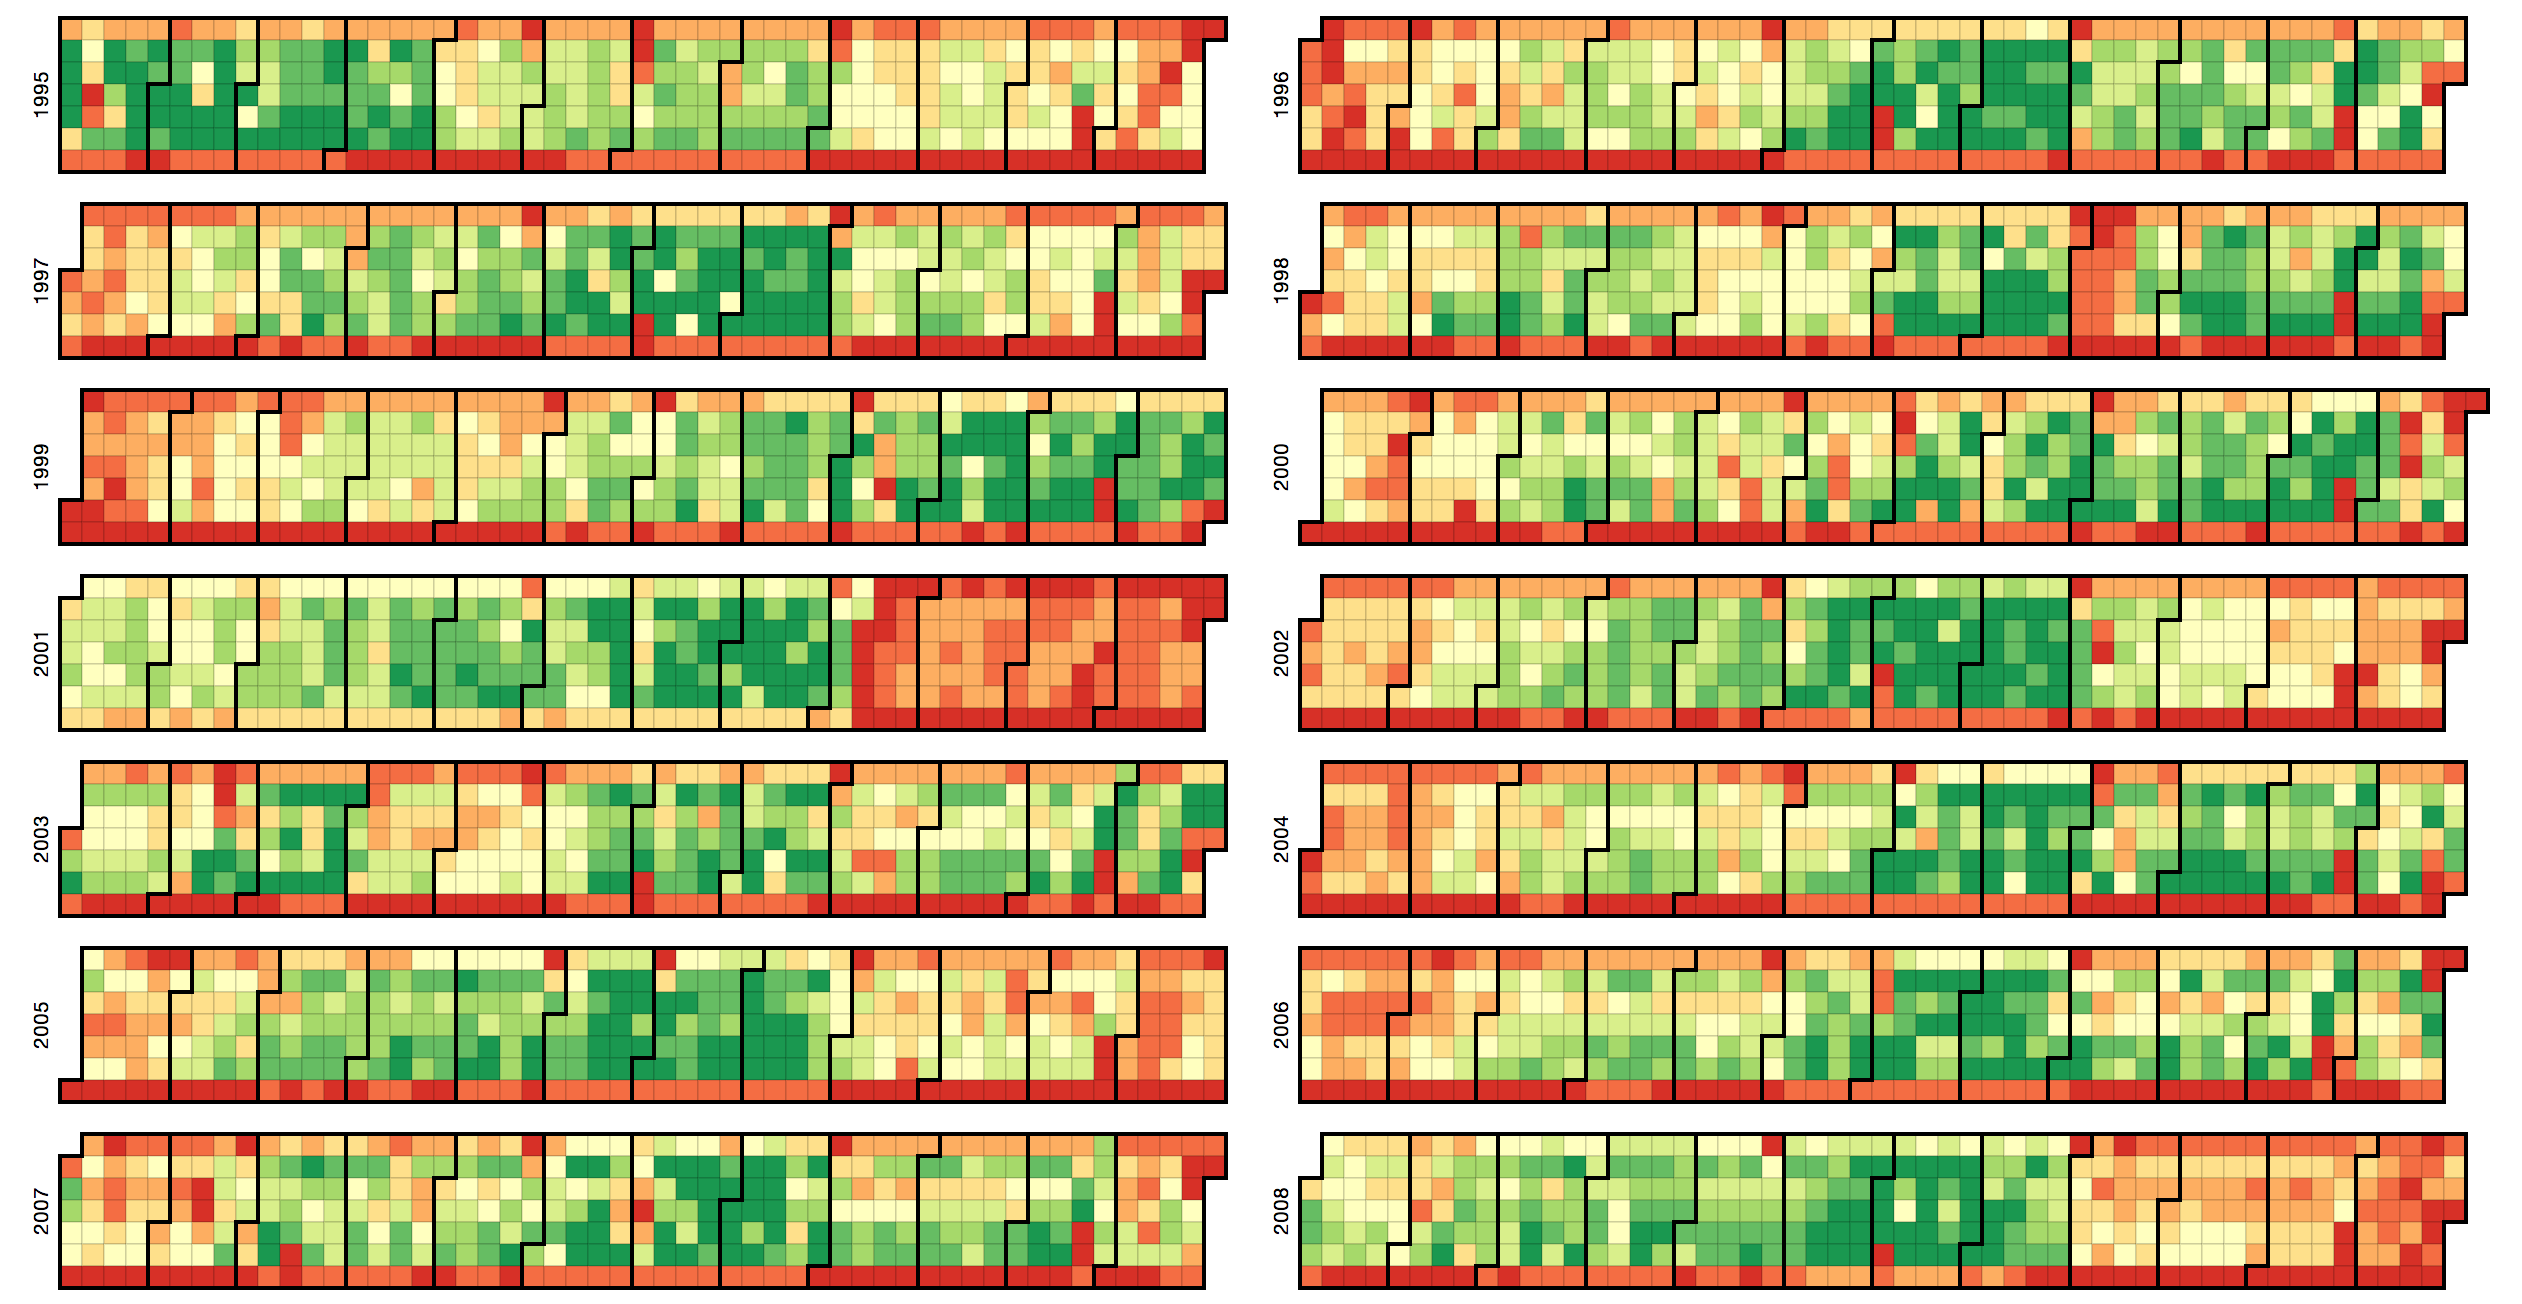 Calendar heatmap using D3.js   Data Visualization   Heat map, Data on